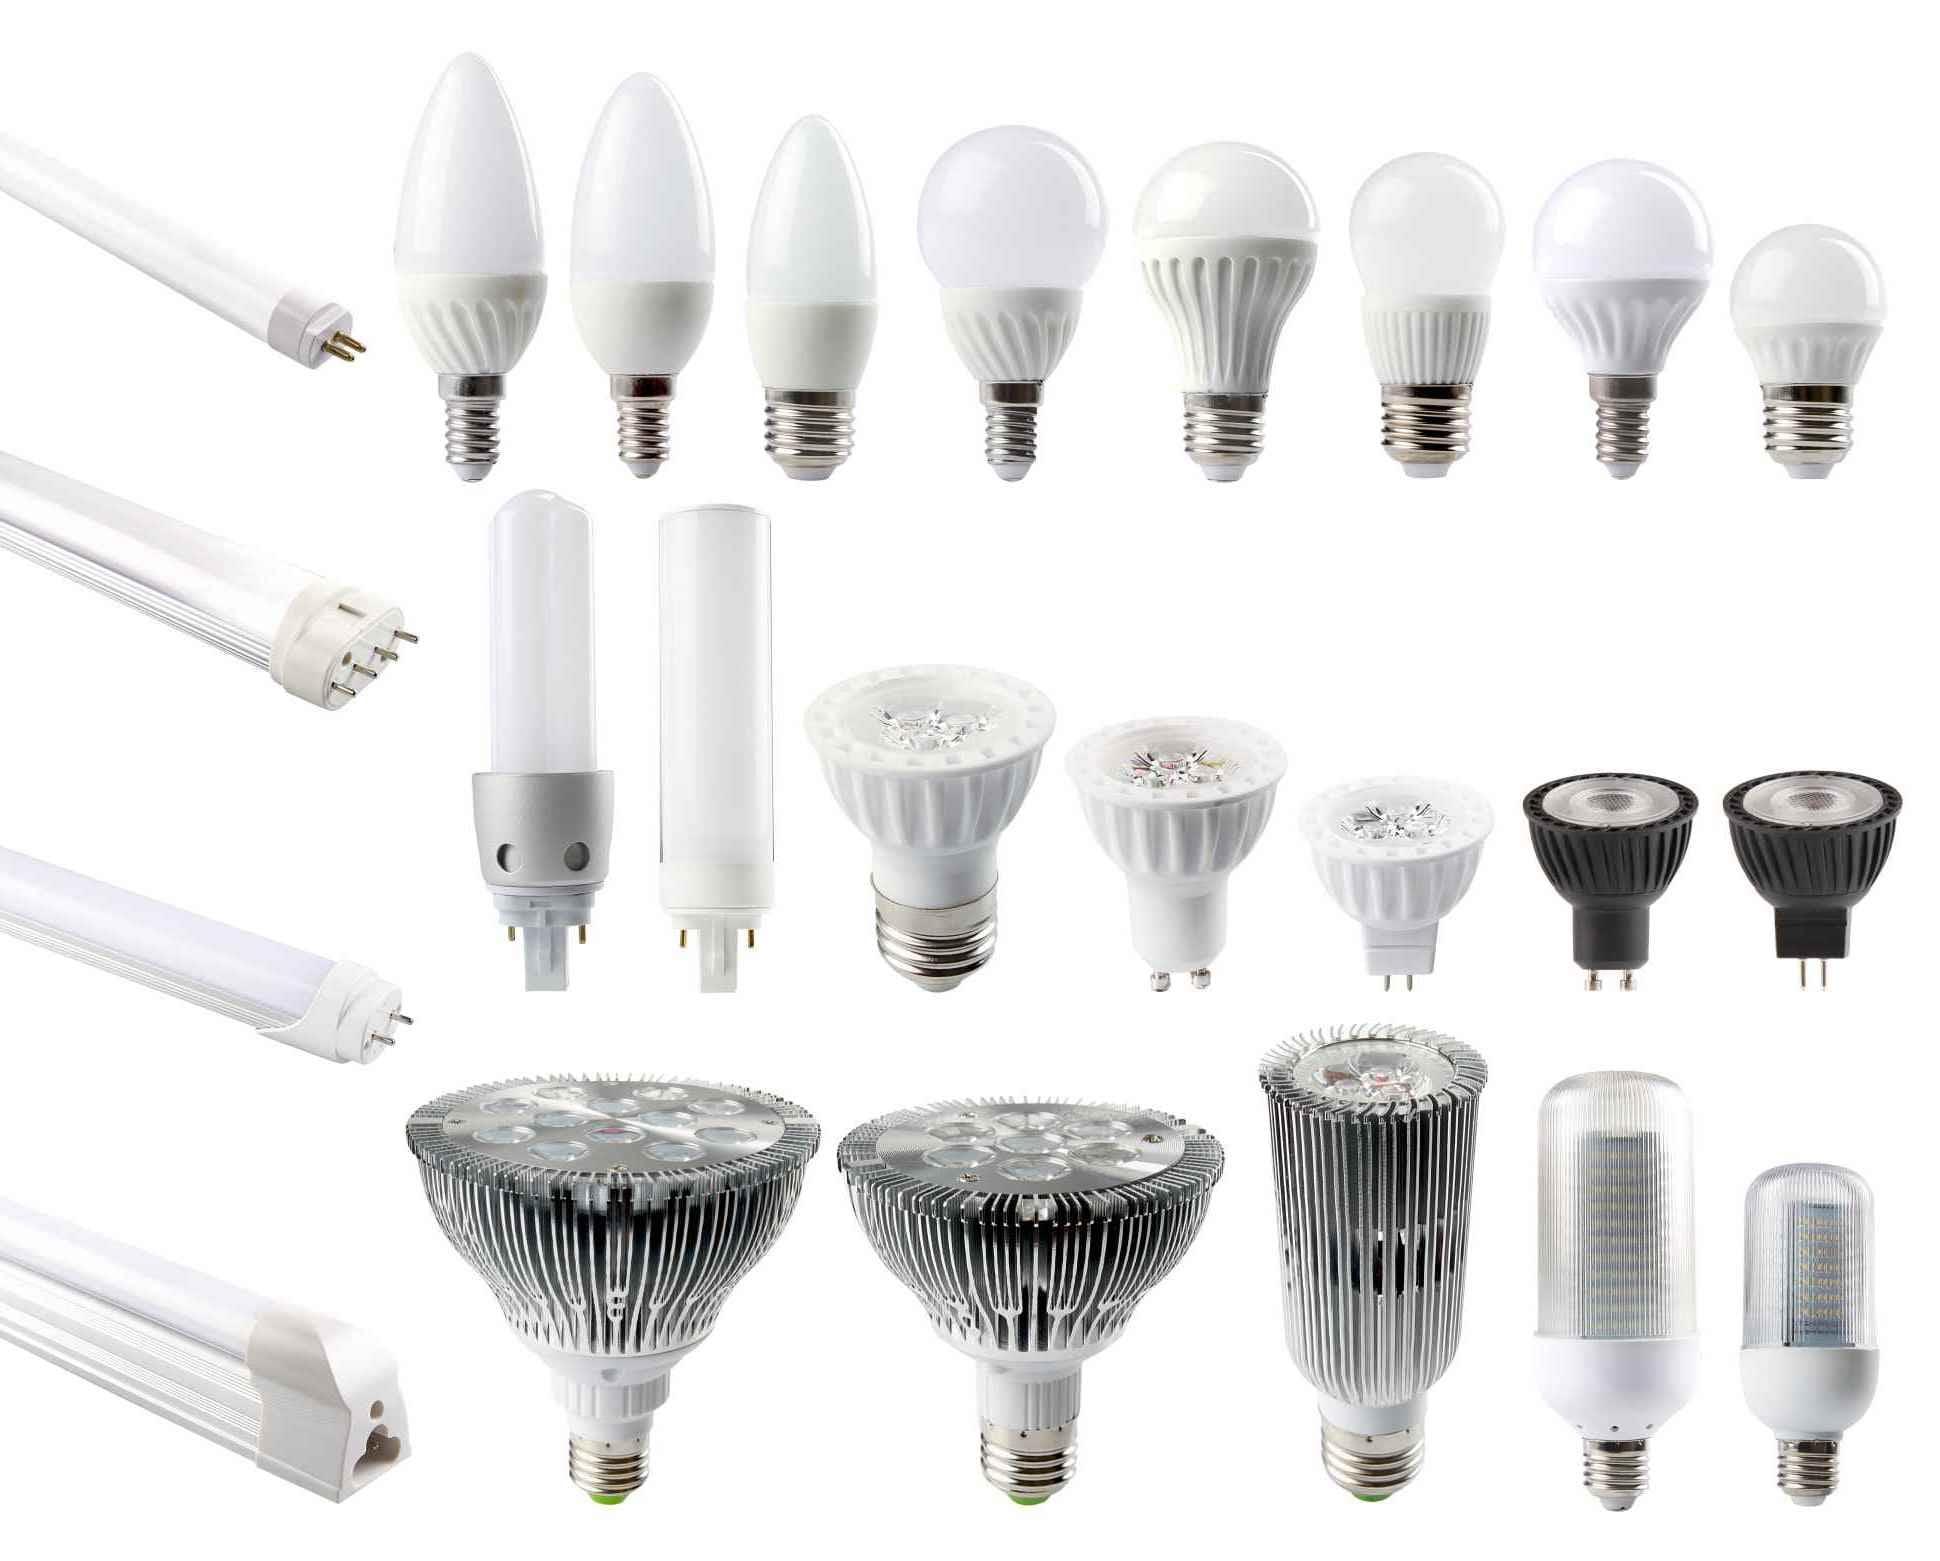 Большой выбор светодиодных ламп позволяет без труда подобрать их под конкретный светильник